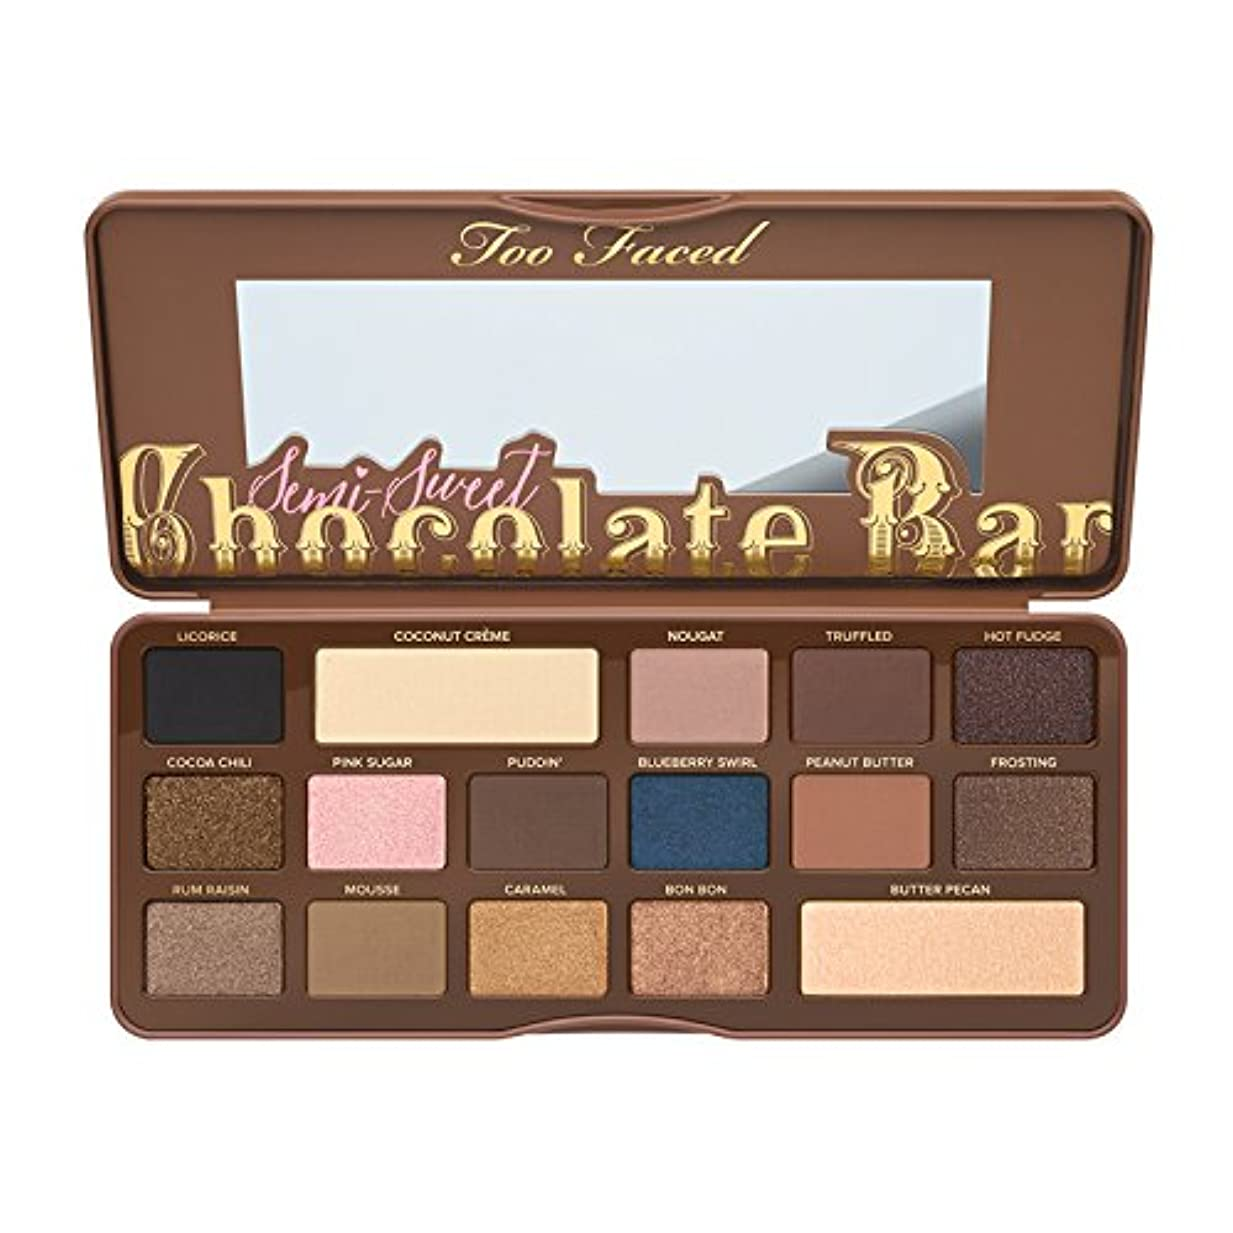 できた天井切手Too Faced Semi-Sweet Chocolate Bar Eye Shadow Collection (並行輸入品) [並行輸入品]